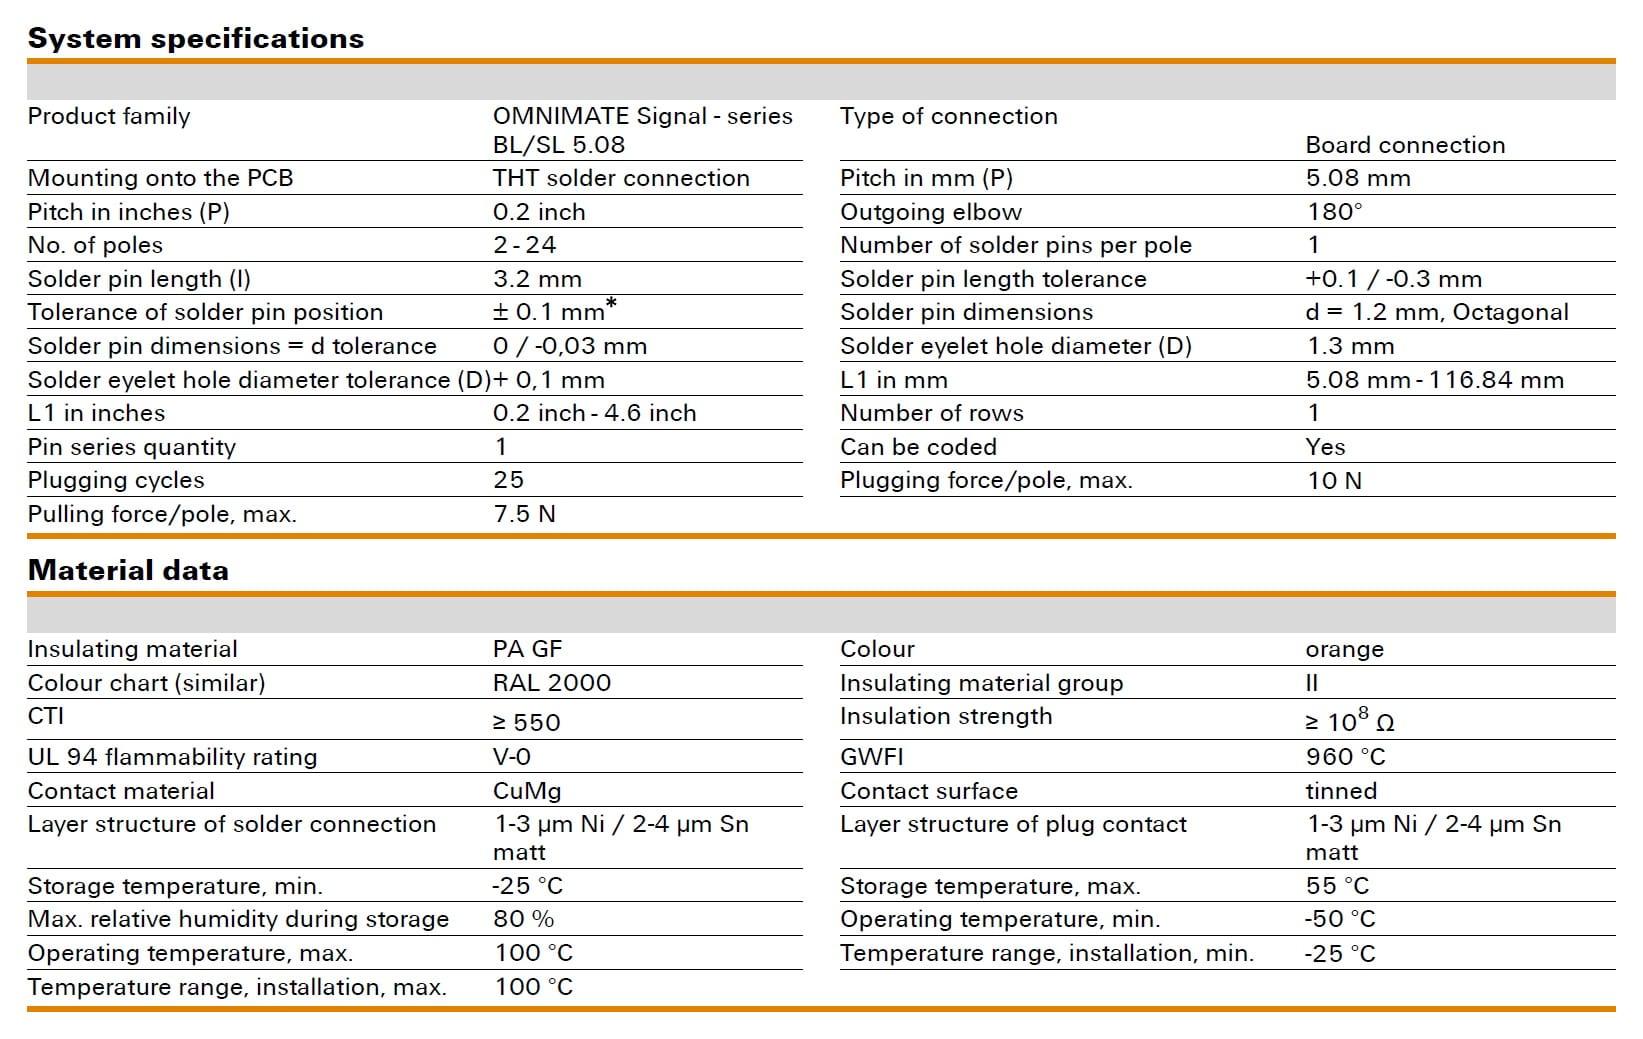 Weidmüller SL 5.08HC/180B Specifications